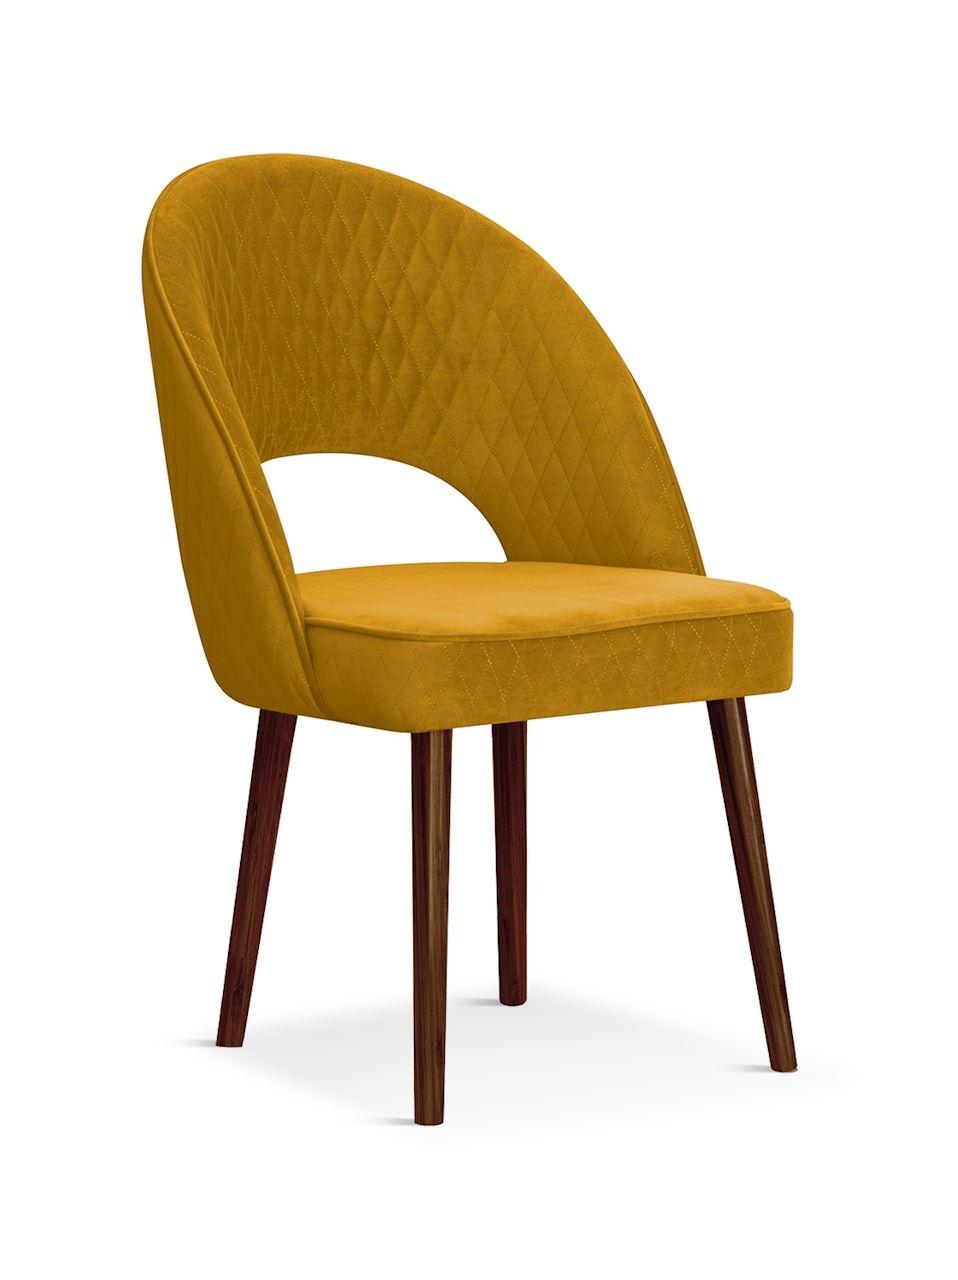 Scaun tapitat cu stofa, cu picioare din lemn Ponte Honey / Walnut, l56xA63xH89 cm